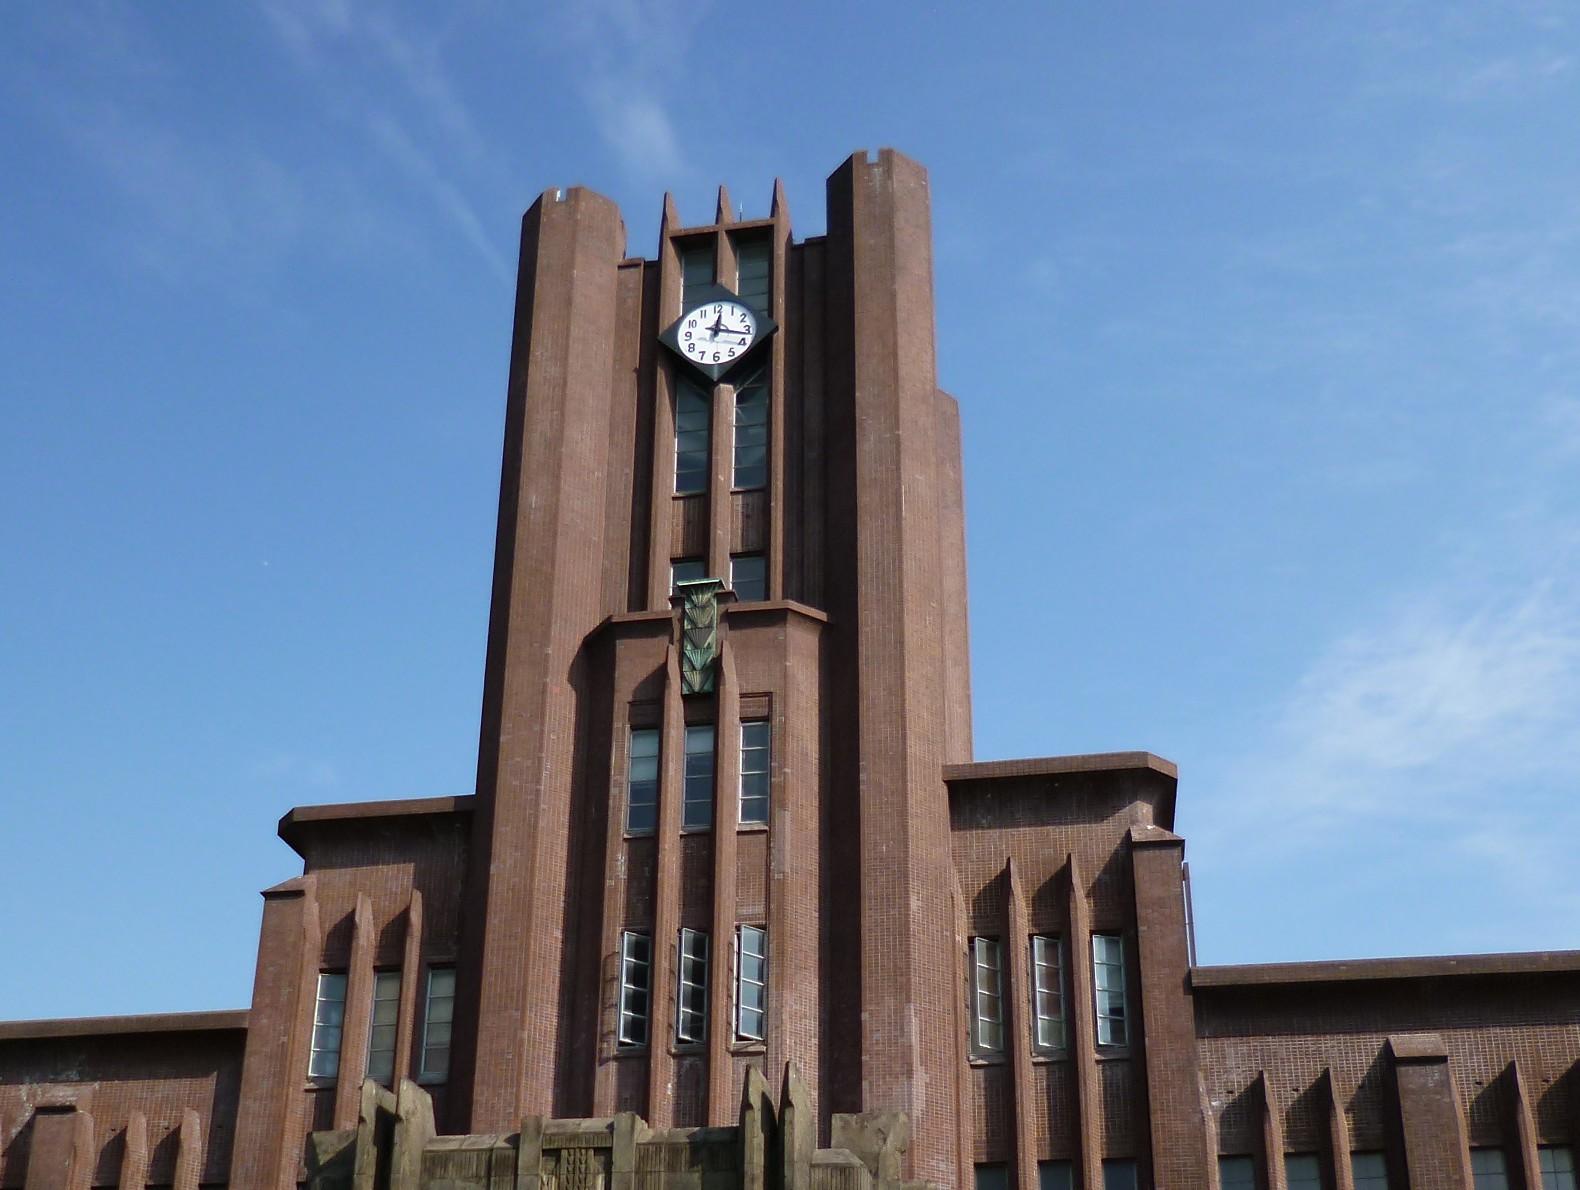 東京大学 石川顕一研究室の理念と目標の画像